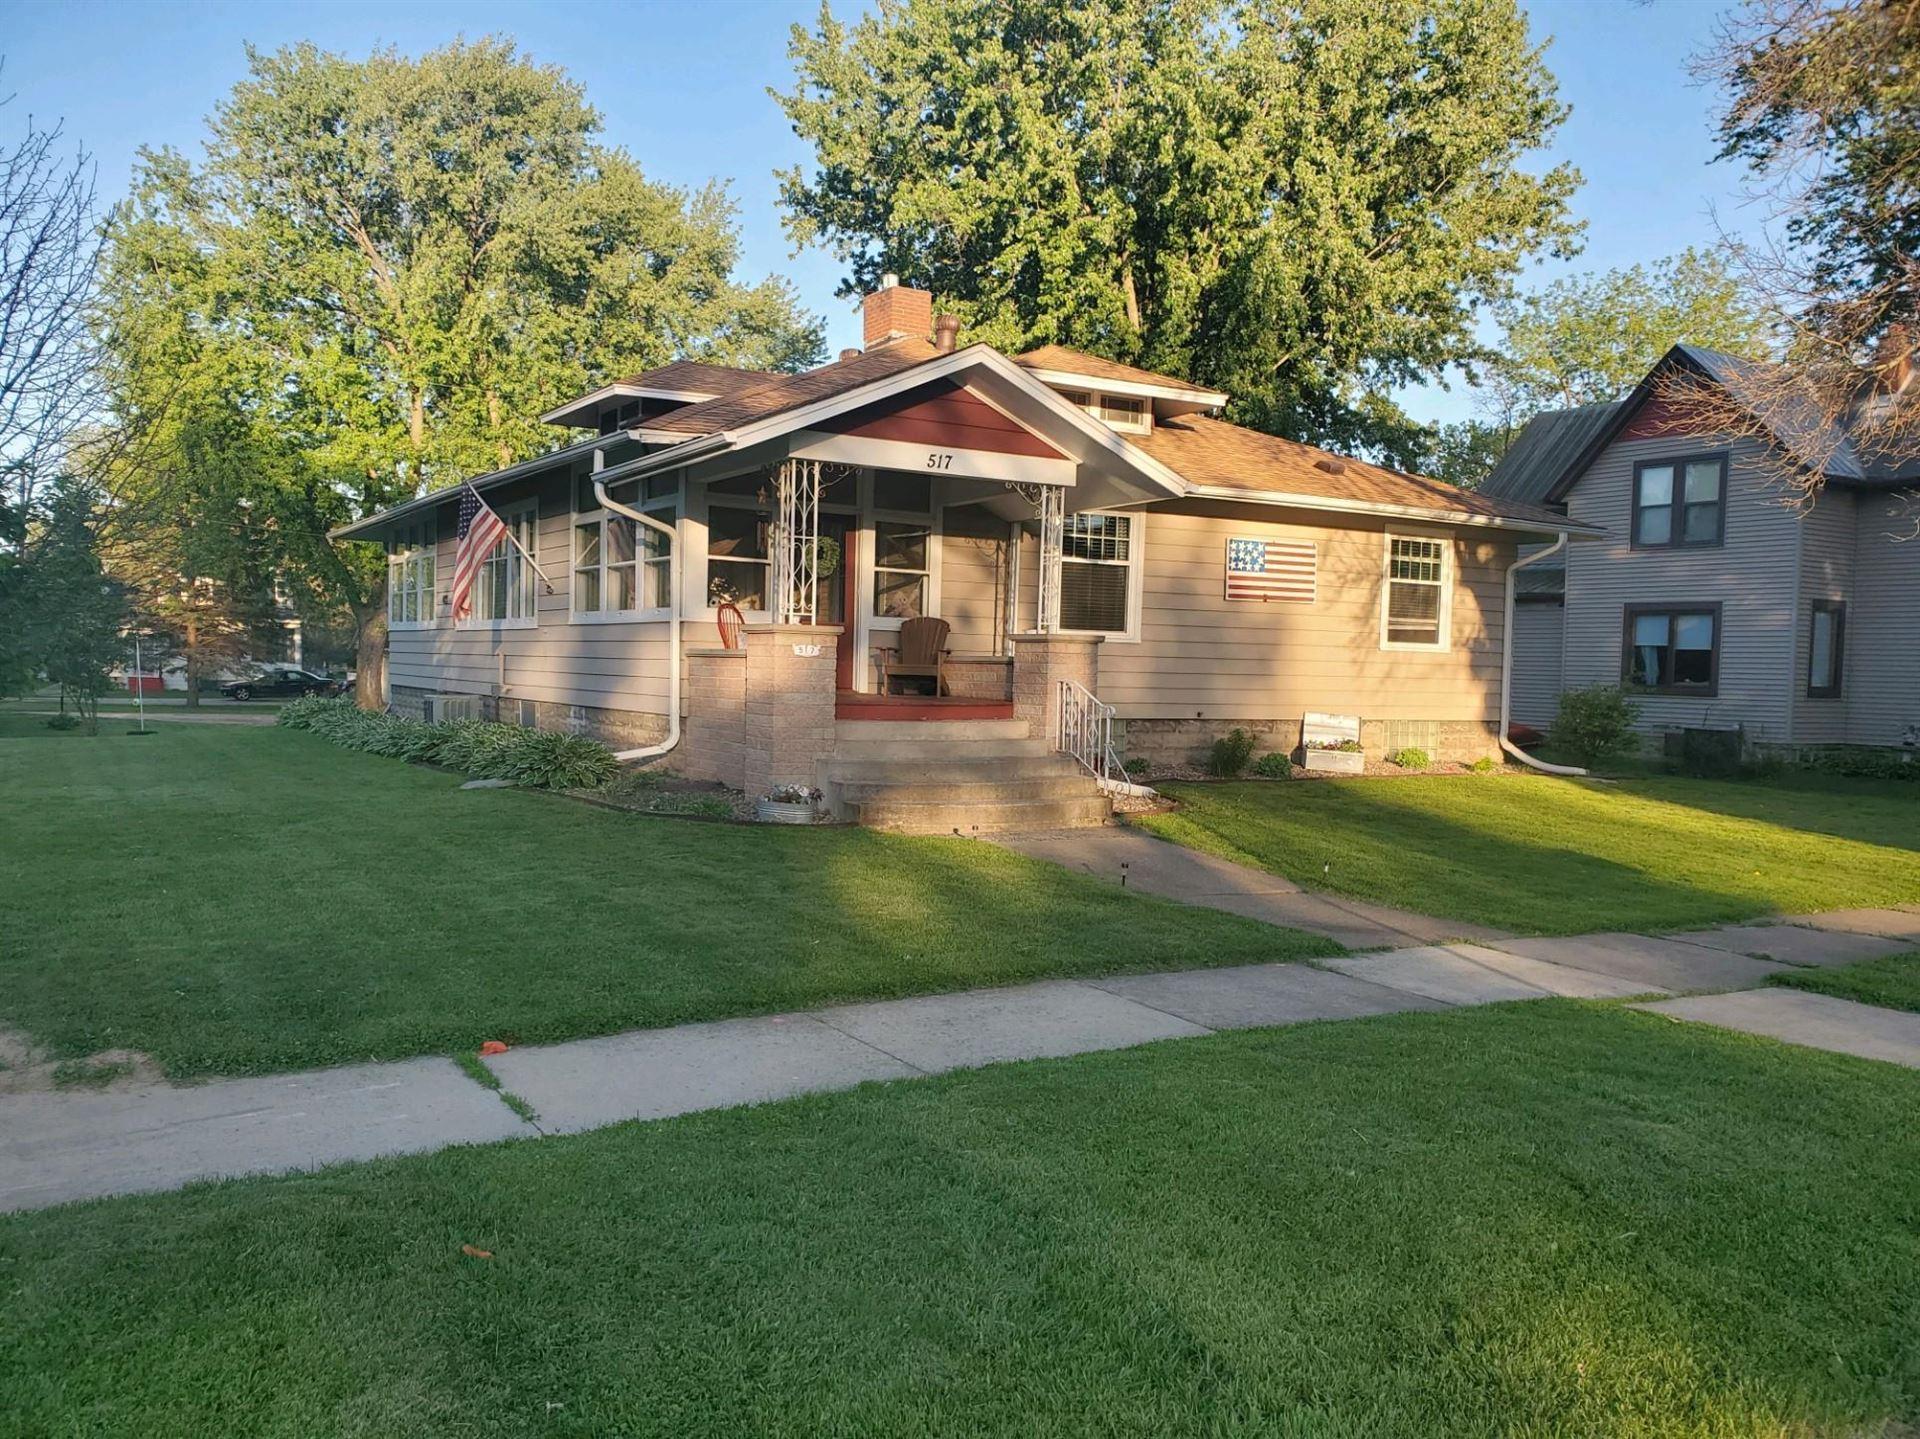 517 N Benton St, Sparta, WI 54656 - MLS#: 1691359